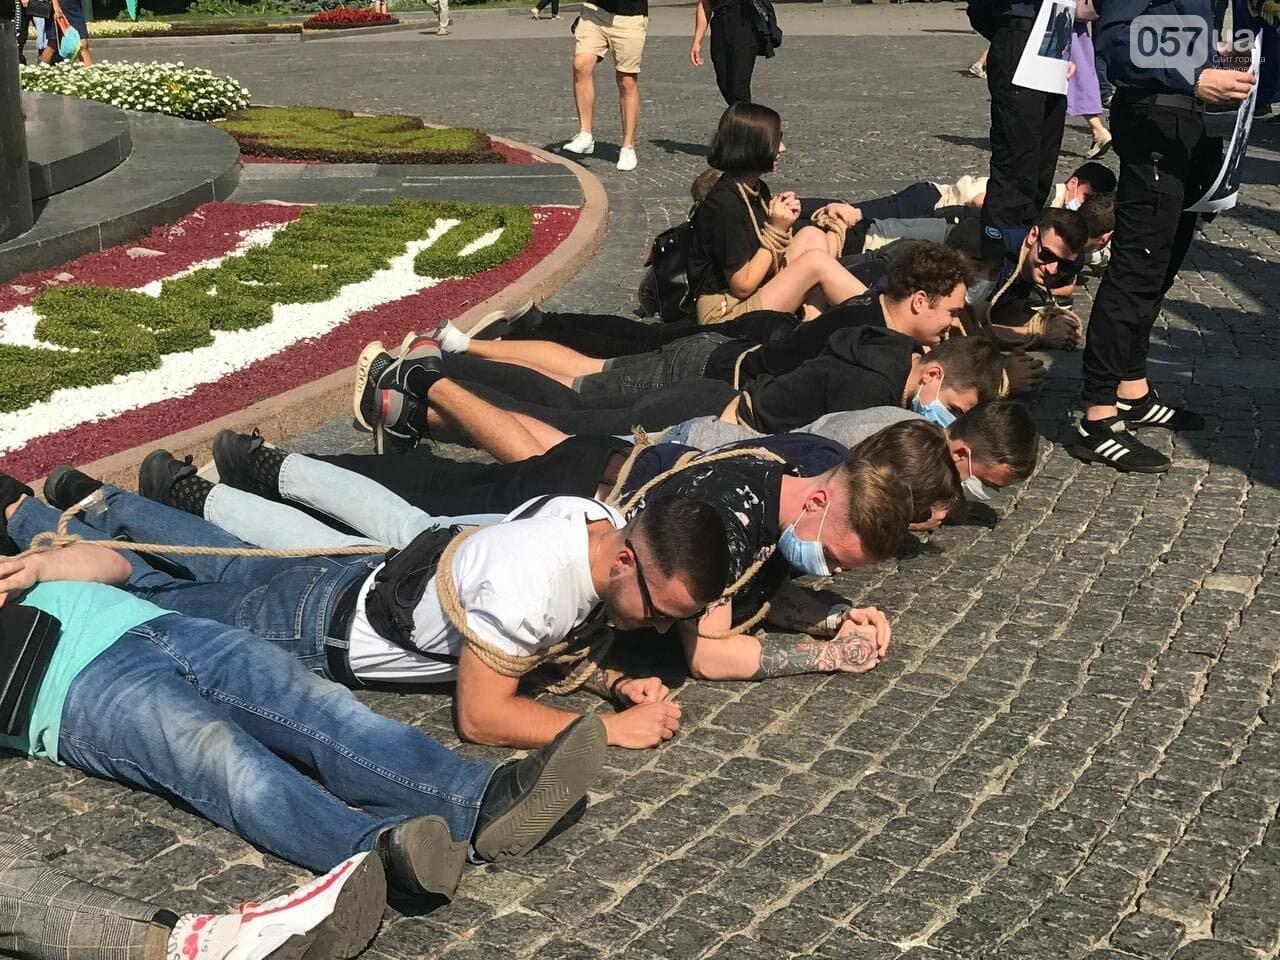 «Связанные» активисты и плакаты напротив дороги: в центре Харькова националисты митинговали против ЛГБТ-марша, - ФОТОРЕПОРТАЖ, фото-9